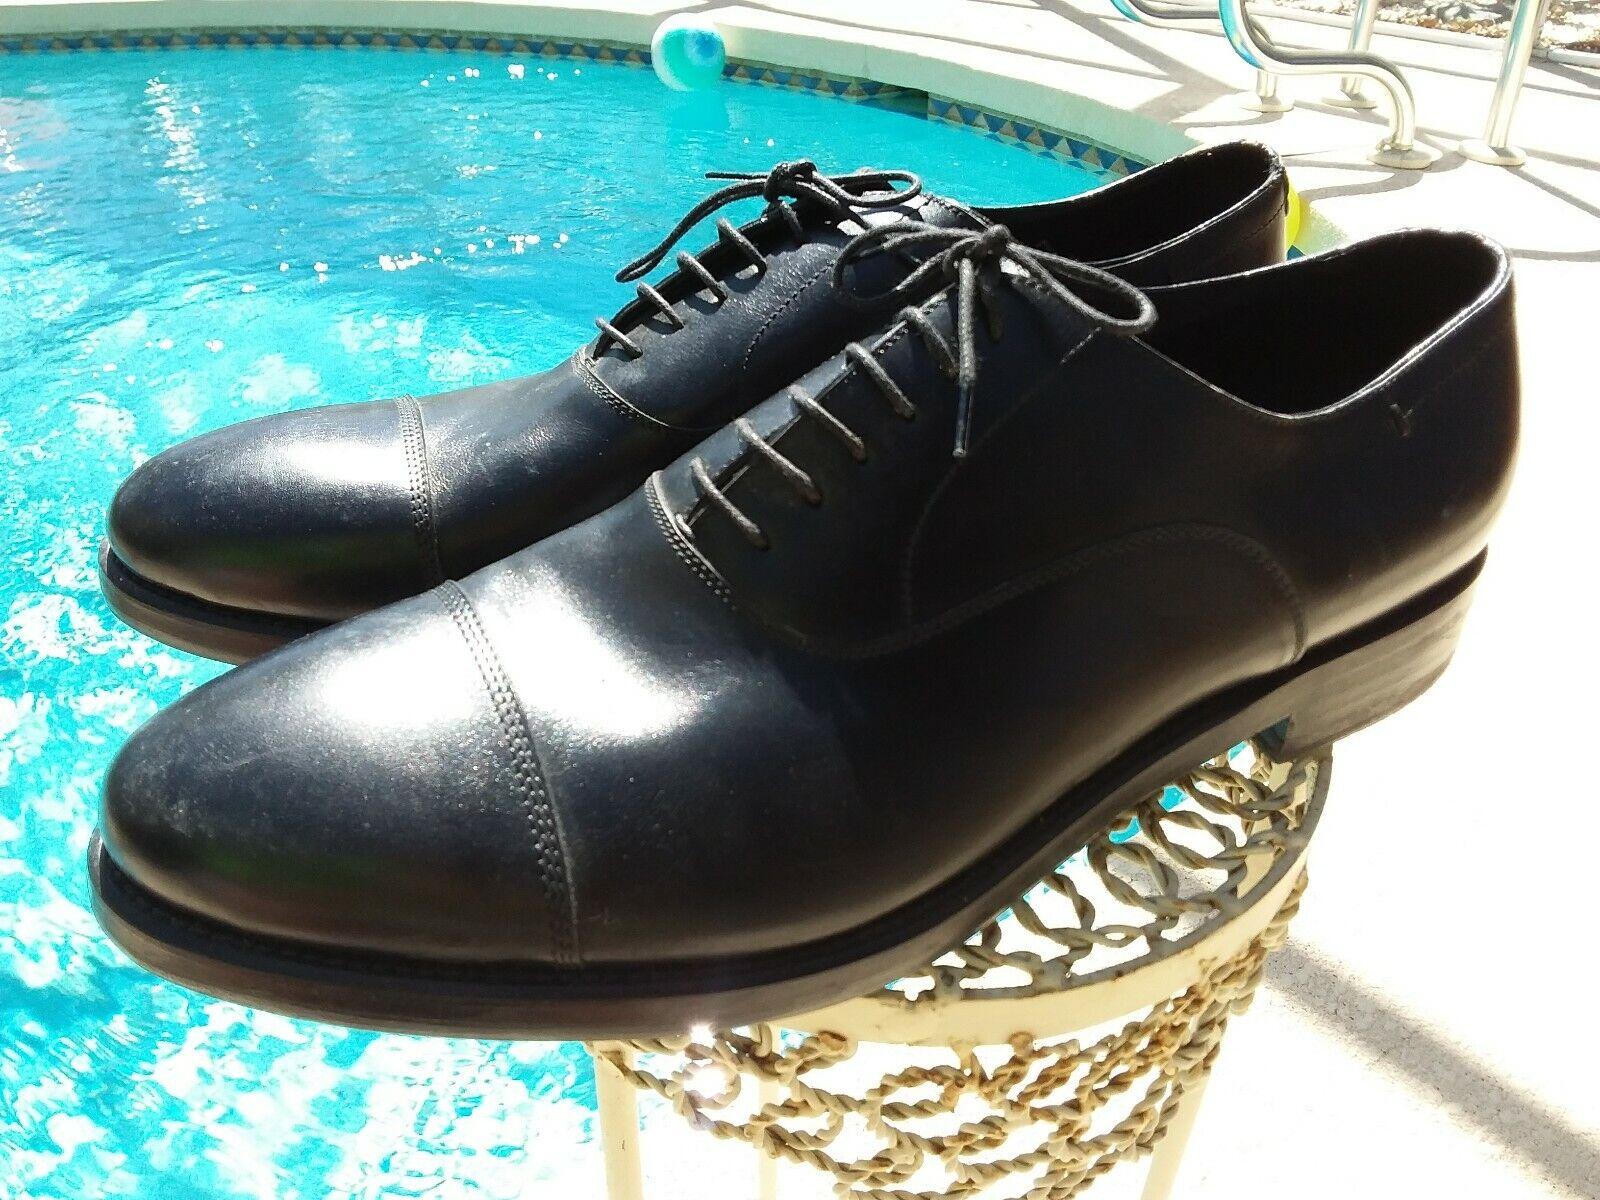 design semplice e generoso J. Wilton nero Cap Toe Leather Dress Oxford    Made In . USA Dimensione 11. Eu 45  distribuzione globale